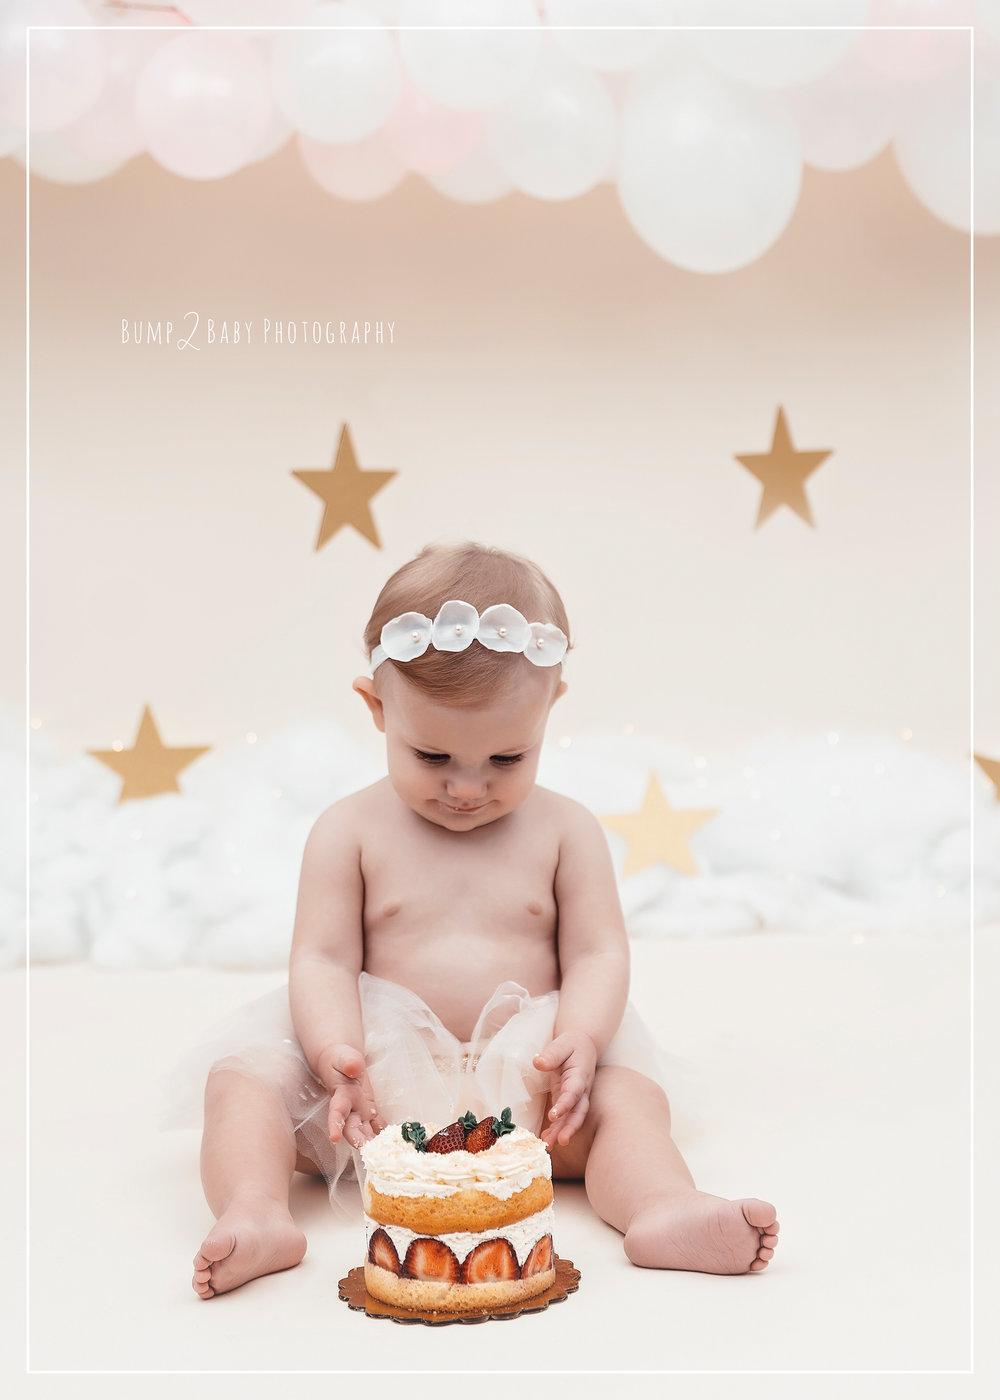 Twinkle-Twinkle-Little-Star-Cake-Smash.jpg